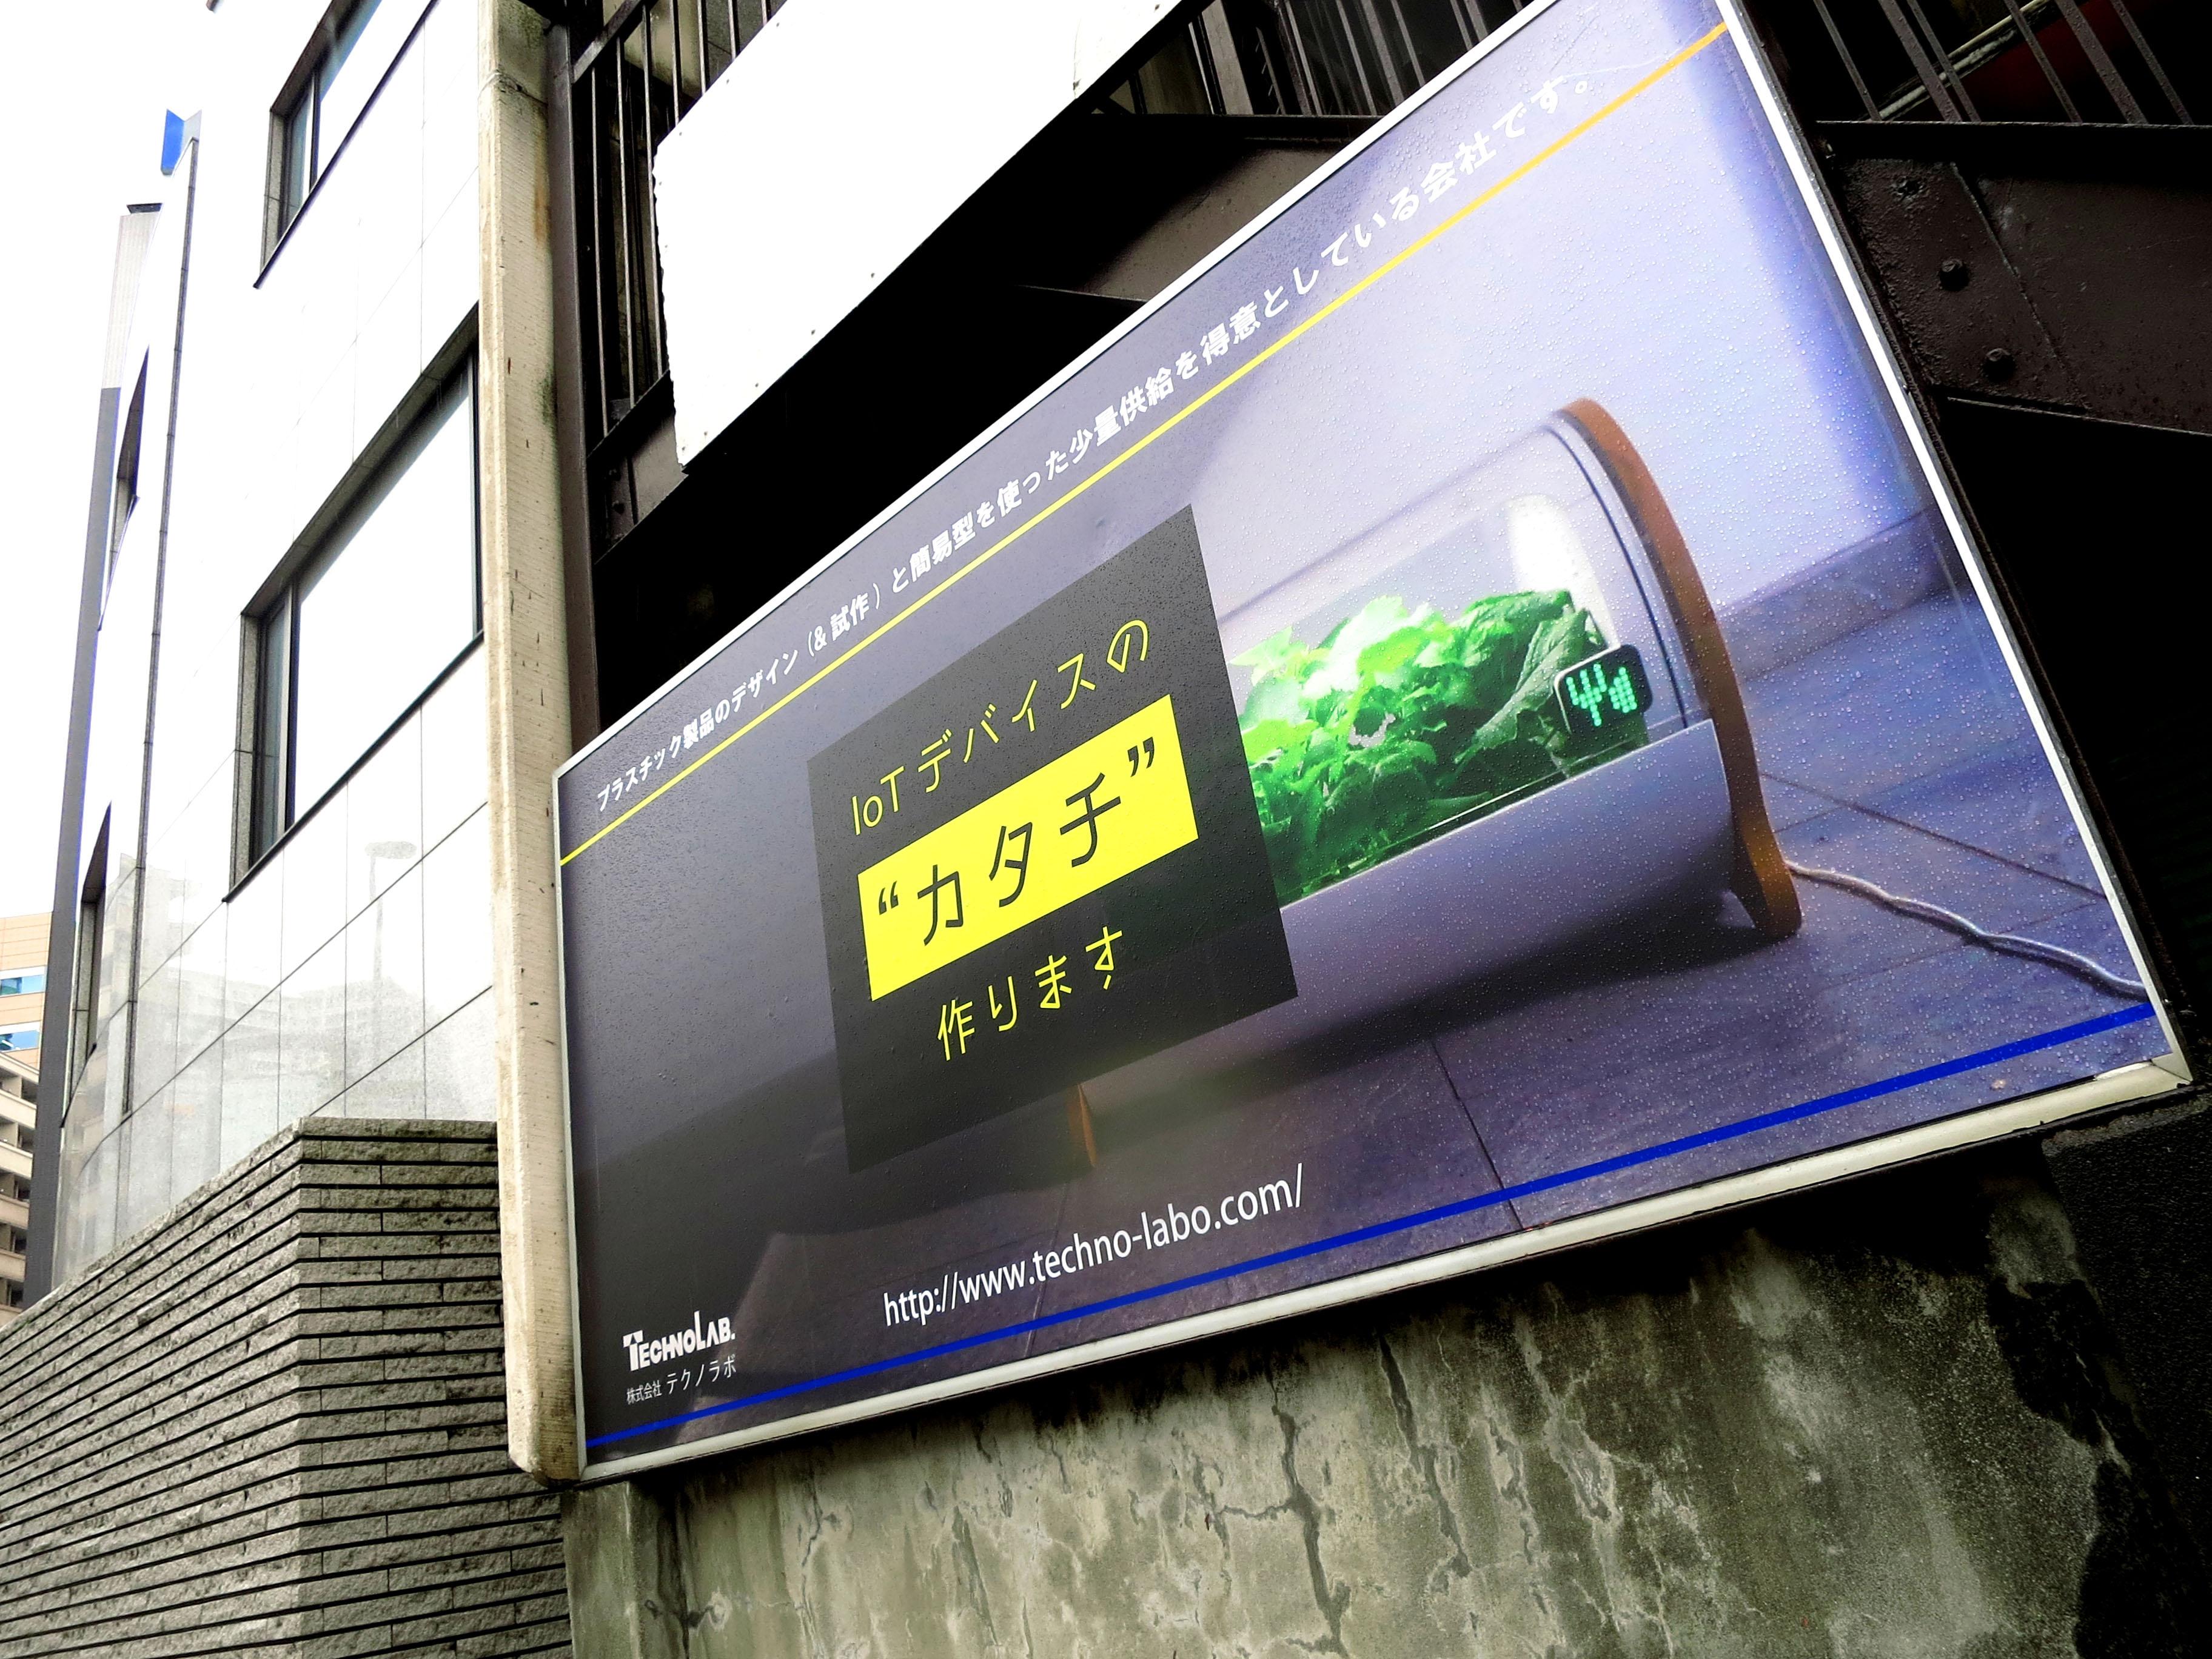 【オフィス紹介】宣伝用看板の完成とついでに会社周辺環境をご紹介!